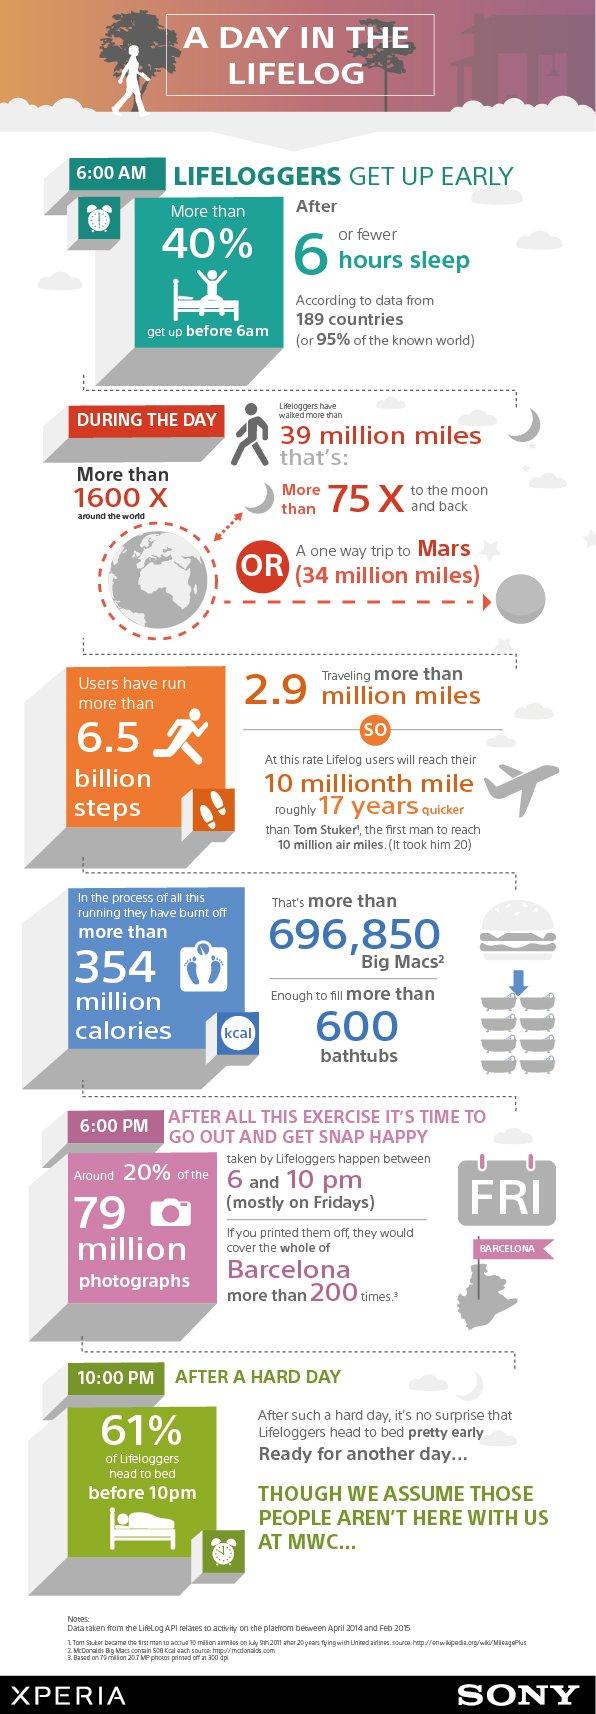 Lifelog-Infographic